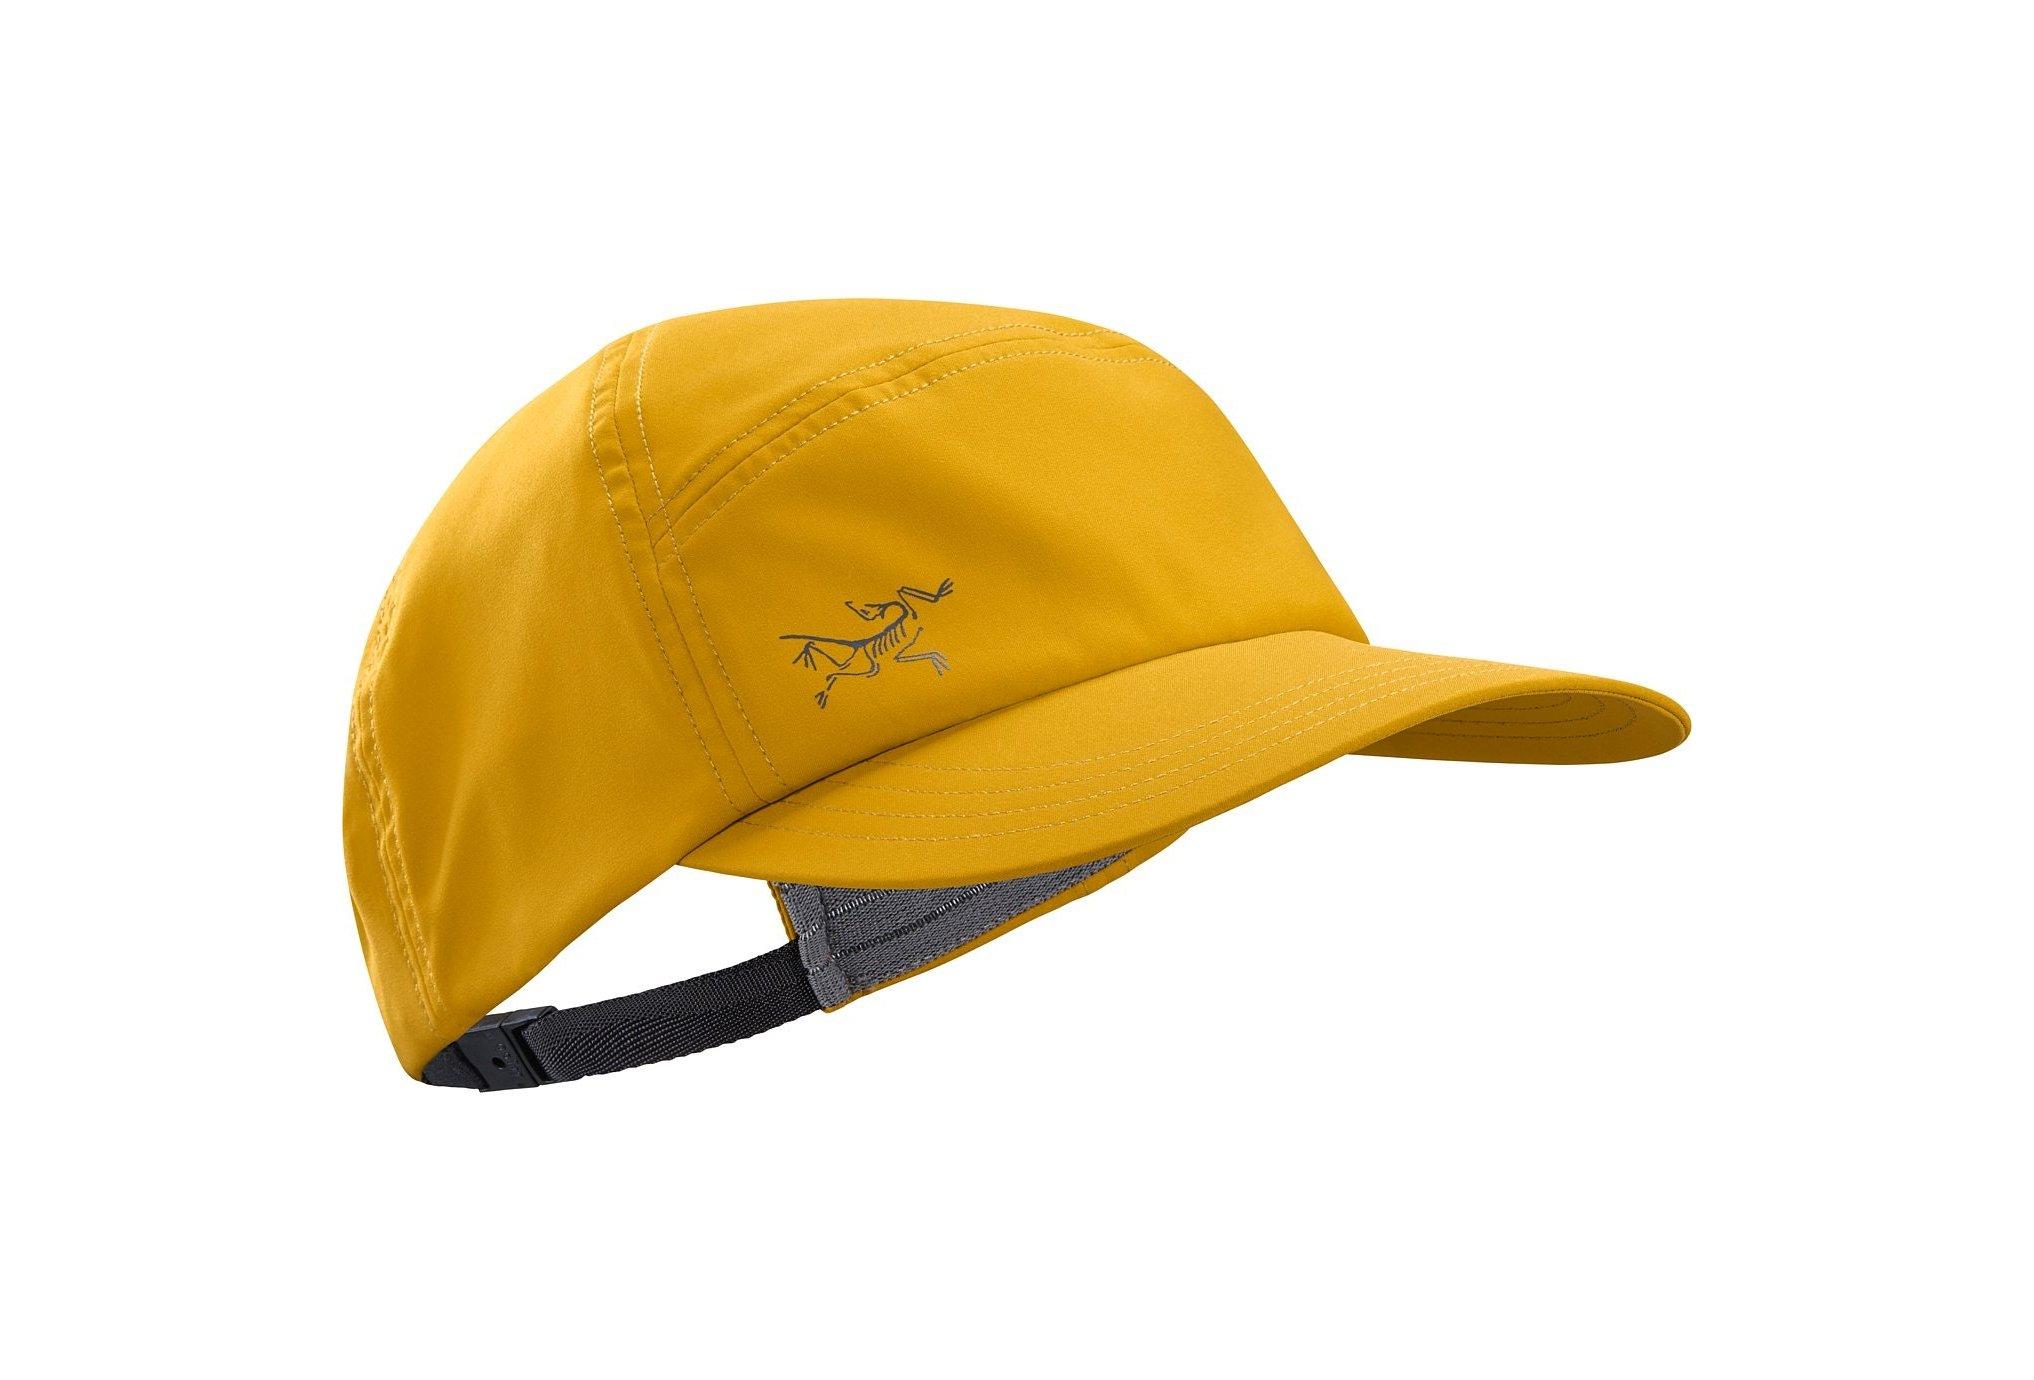 Arcteryx Elaho casquettes / bandeaux